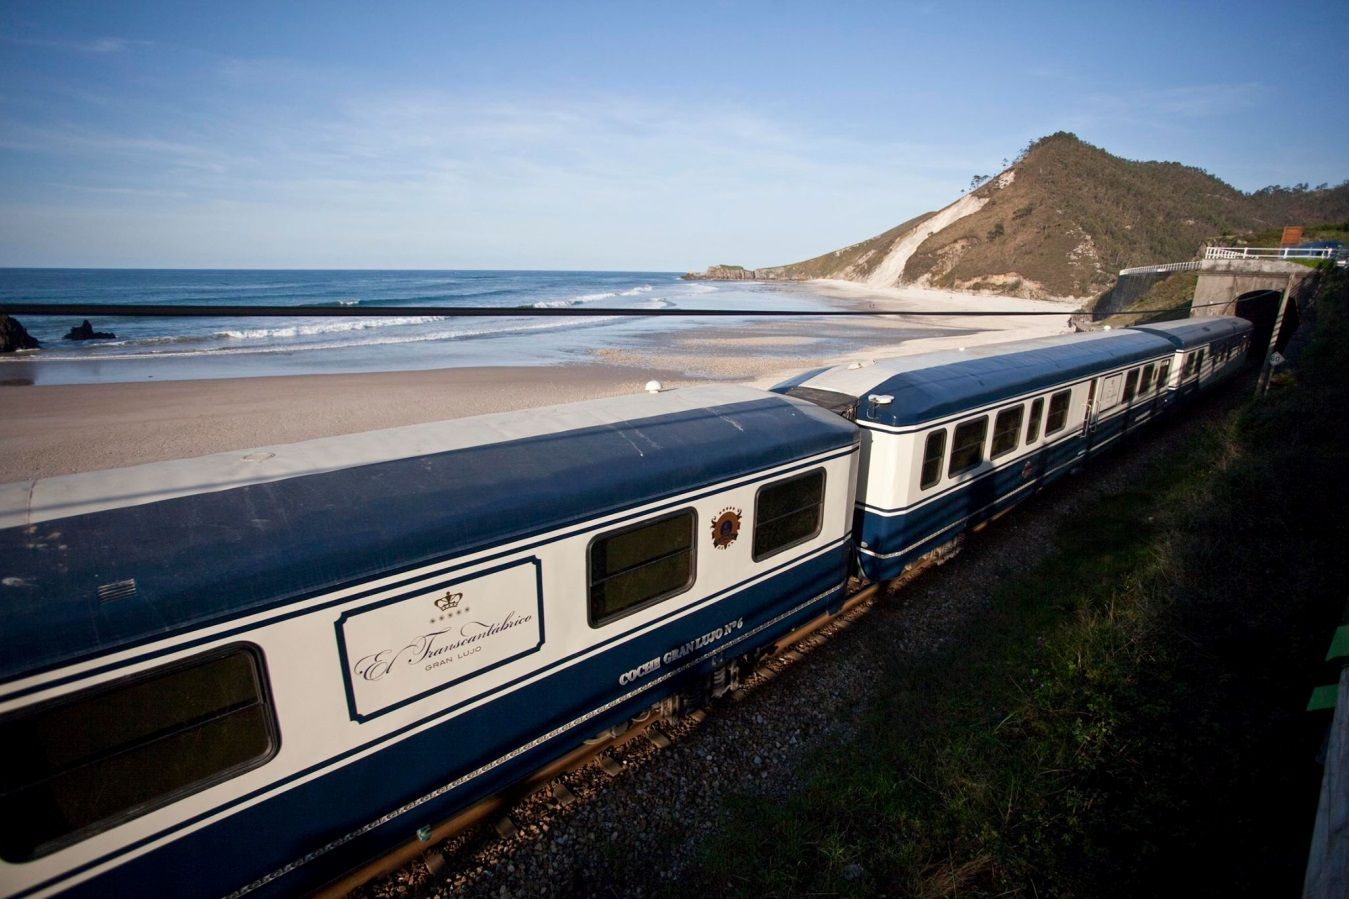 Trenes Turísticos de Lujo: Exclusividad y Prestigio sobre Ruedas – Parte I - http://revista.pricetravel.com.mx/viajes/2017/02/27/trenes-turisticos-de-lujo-exclusividad-y-prestigio-sobre-ruedas-parte-i/